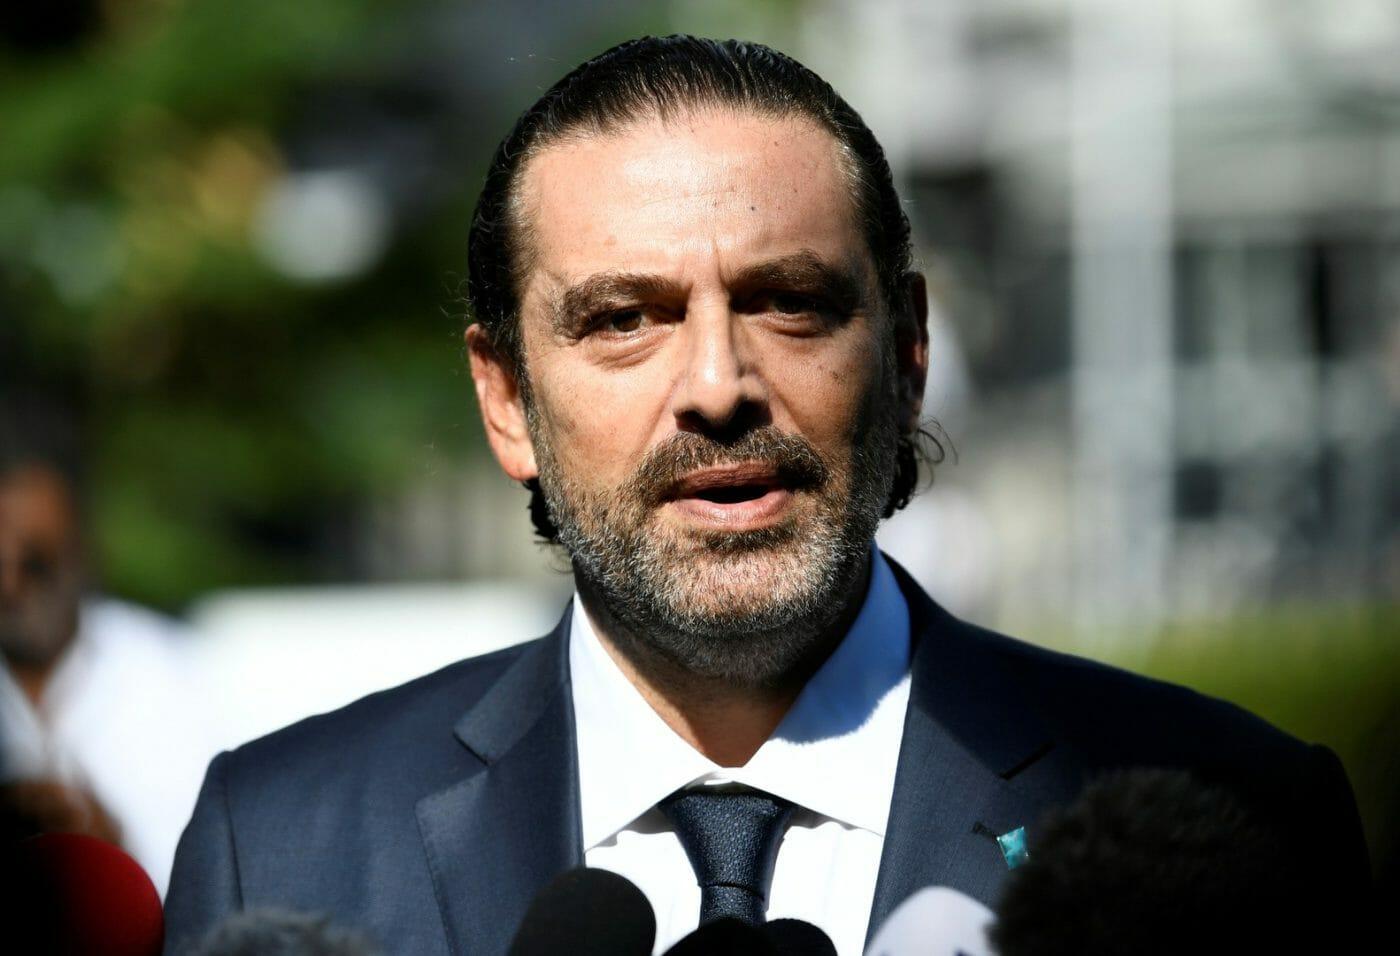 """""""وليّ العهد يقول لك عليك تحمّل النتائج"""".. تفاصيل مكالمة وبخ فيها عادل الجبير سعد الحريري والأخير ينفي:""""لم يحدث"""""""